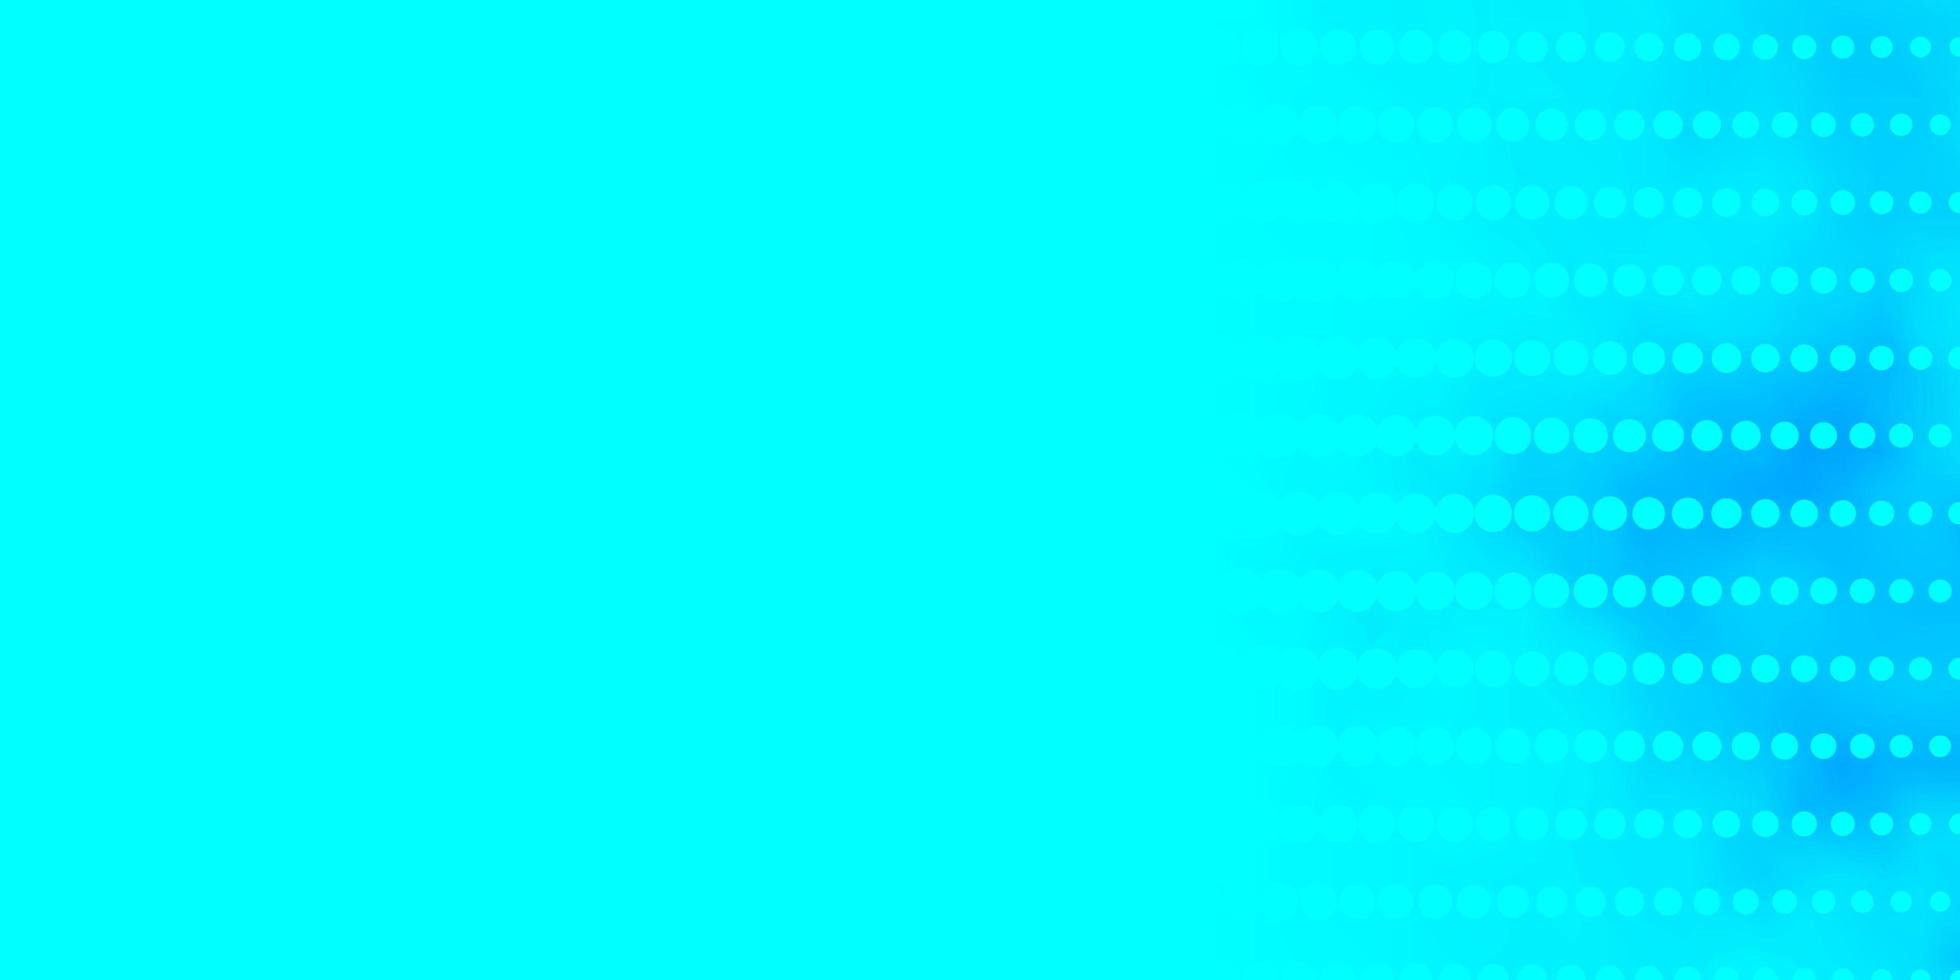 ljusblå vektor bakgrund med cirklar.